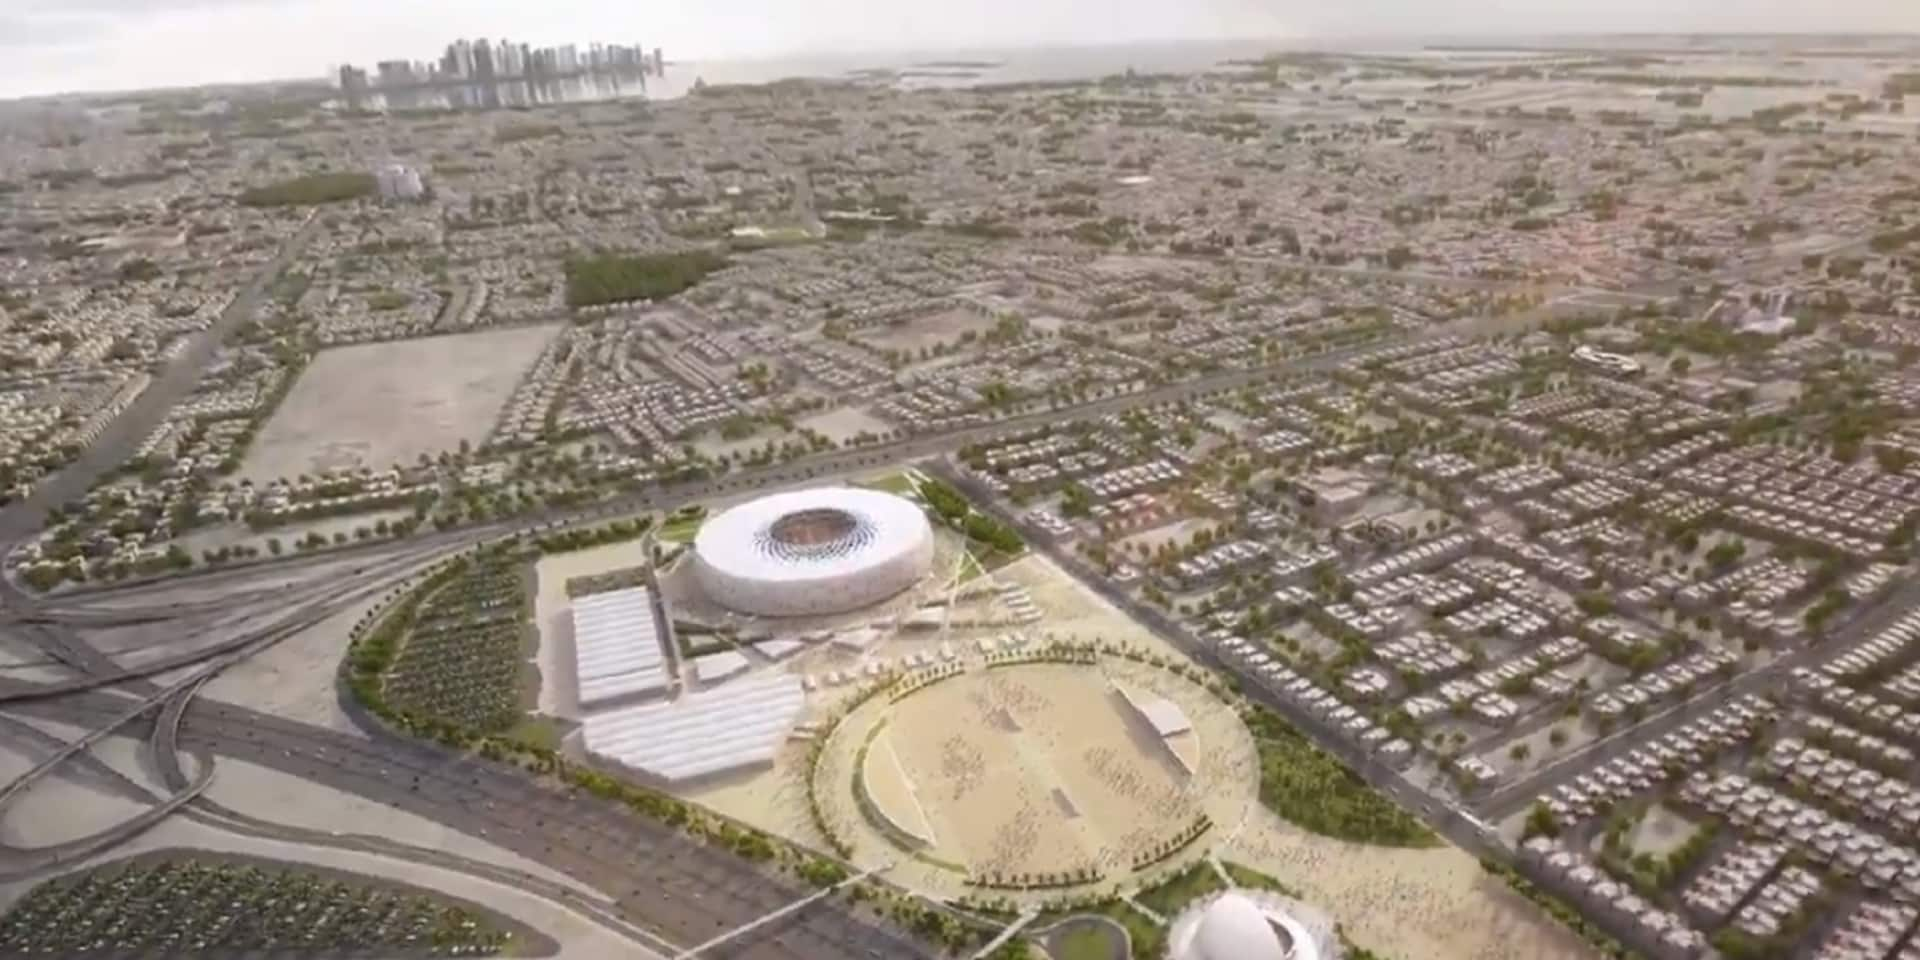 Deux stades de la Coupe du monde 2022 au Qatar seront inaugurés en novembre